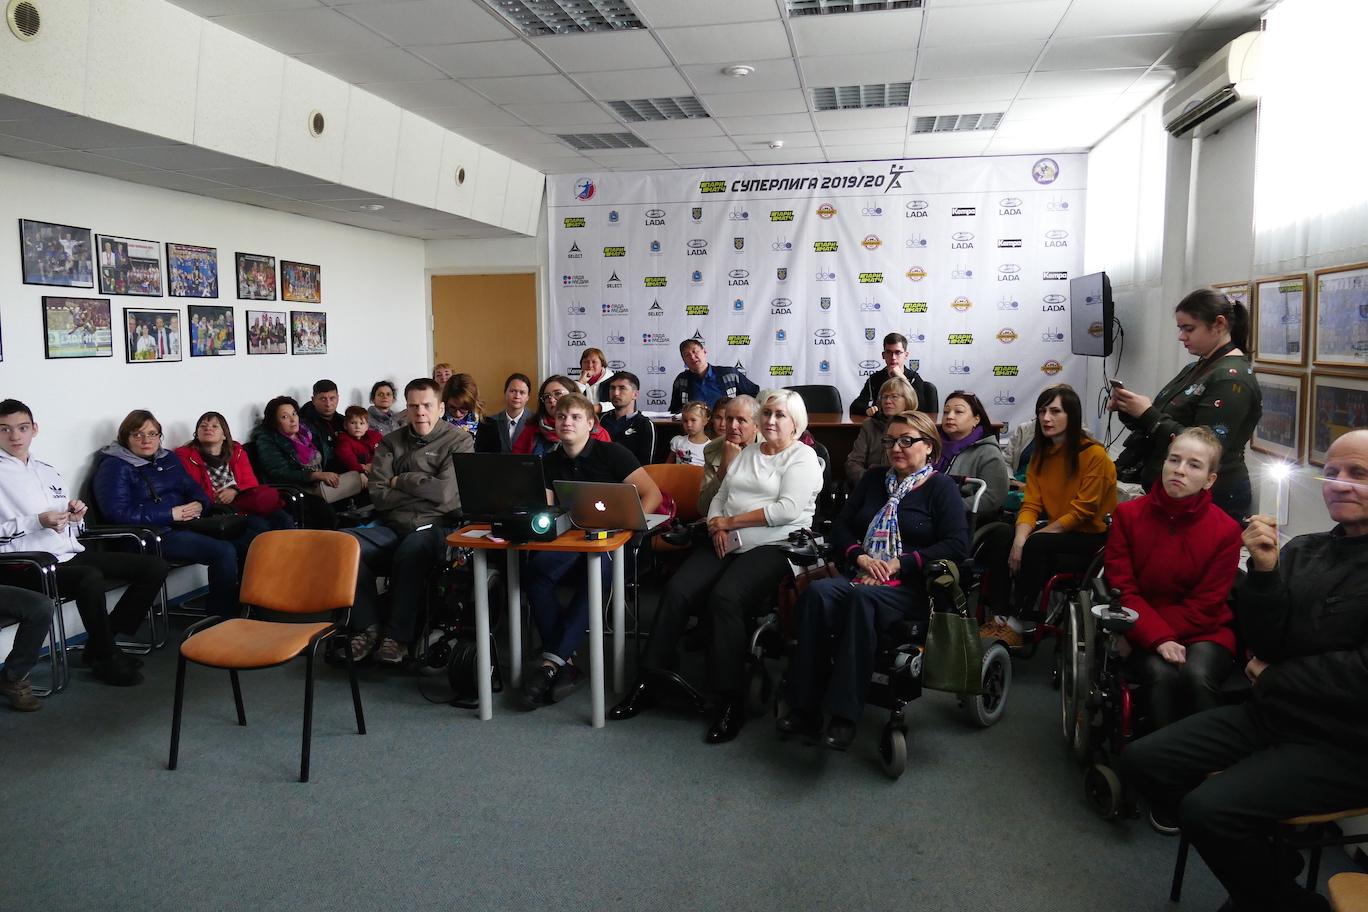 Vortrag in einem sozialen Zentrum (Toljatti)